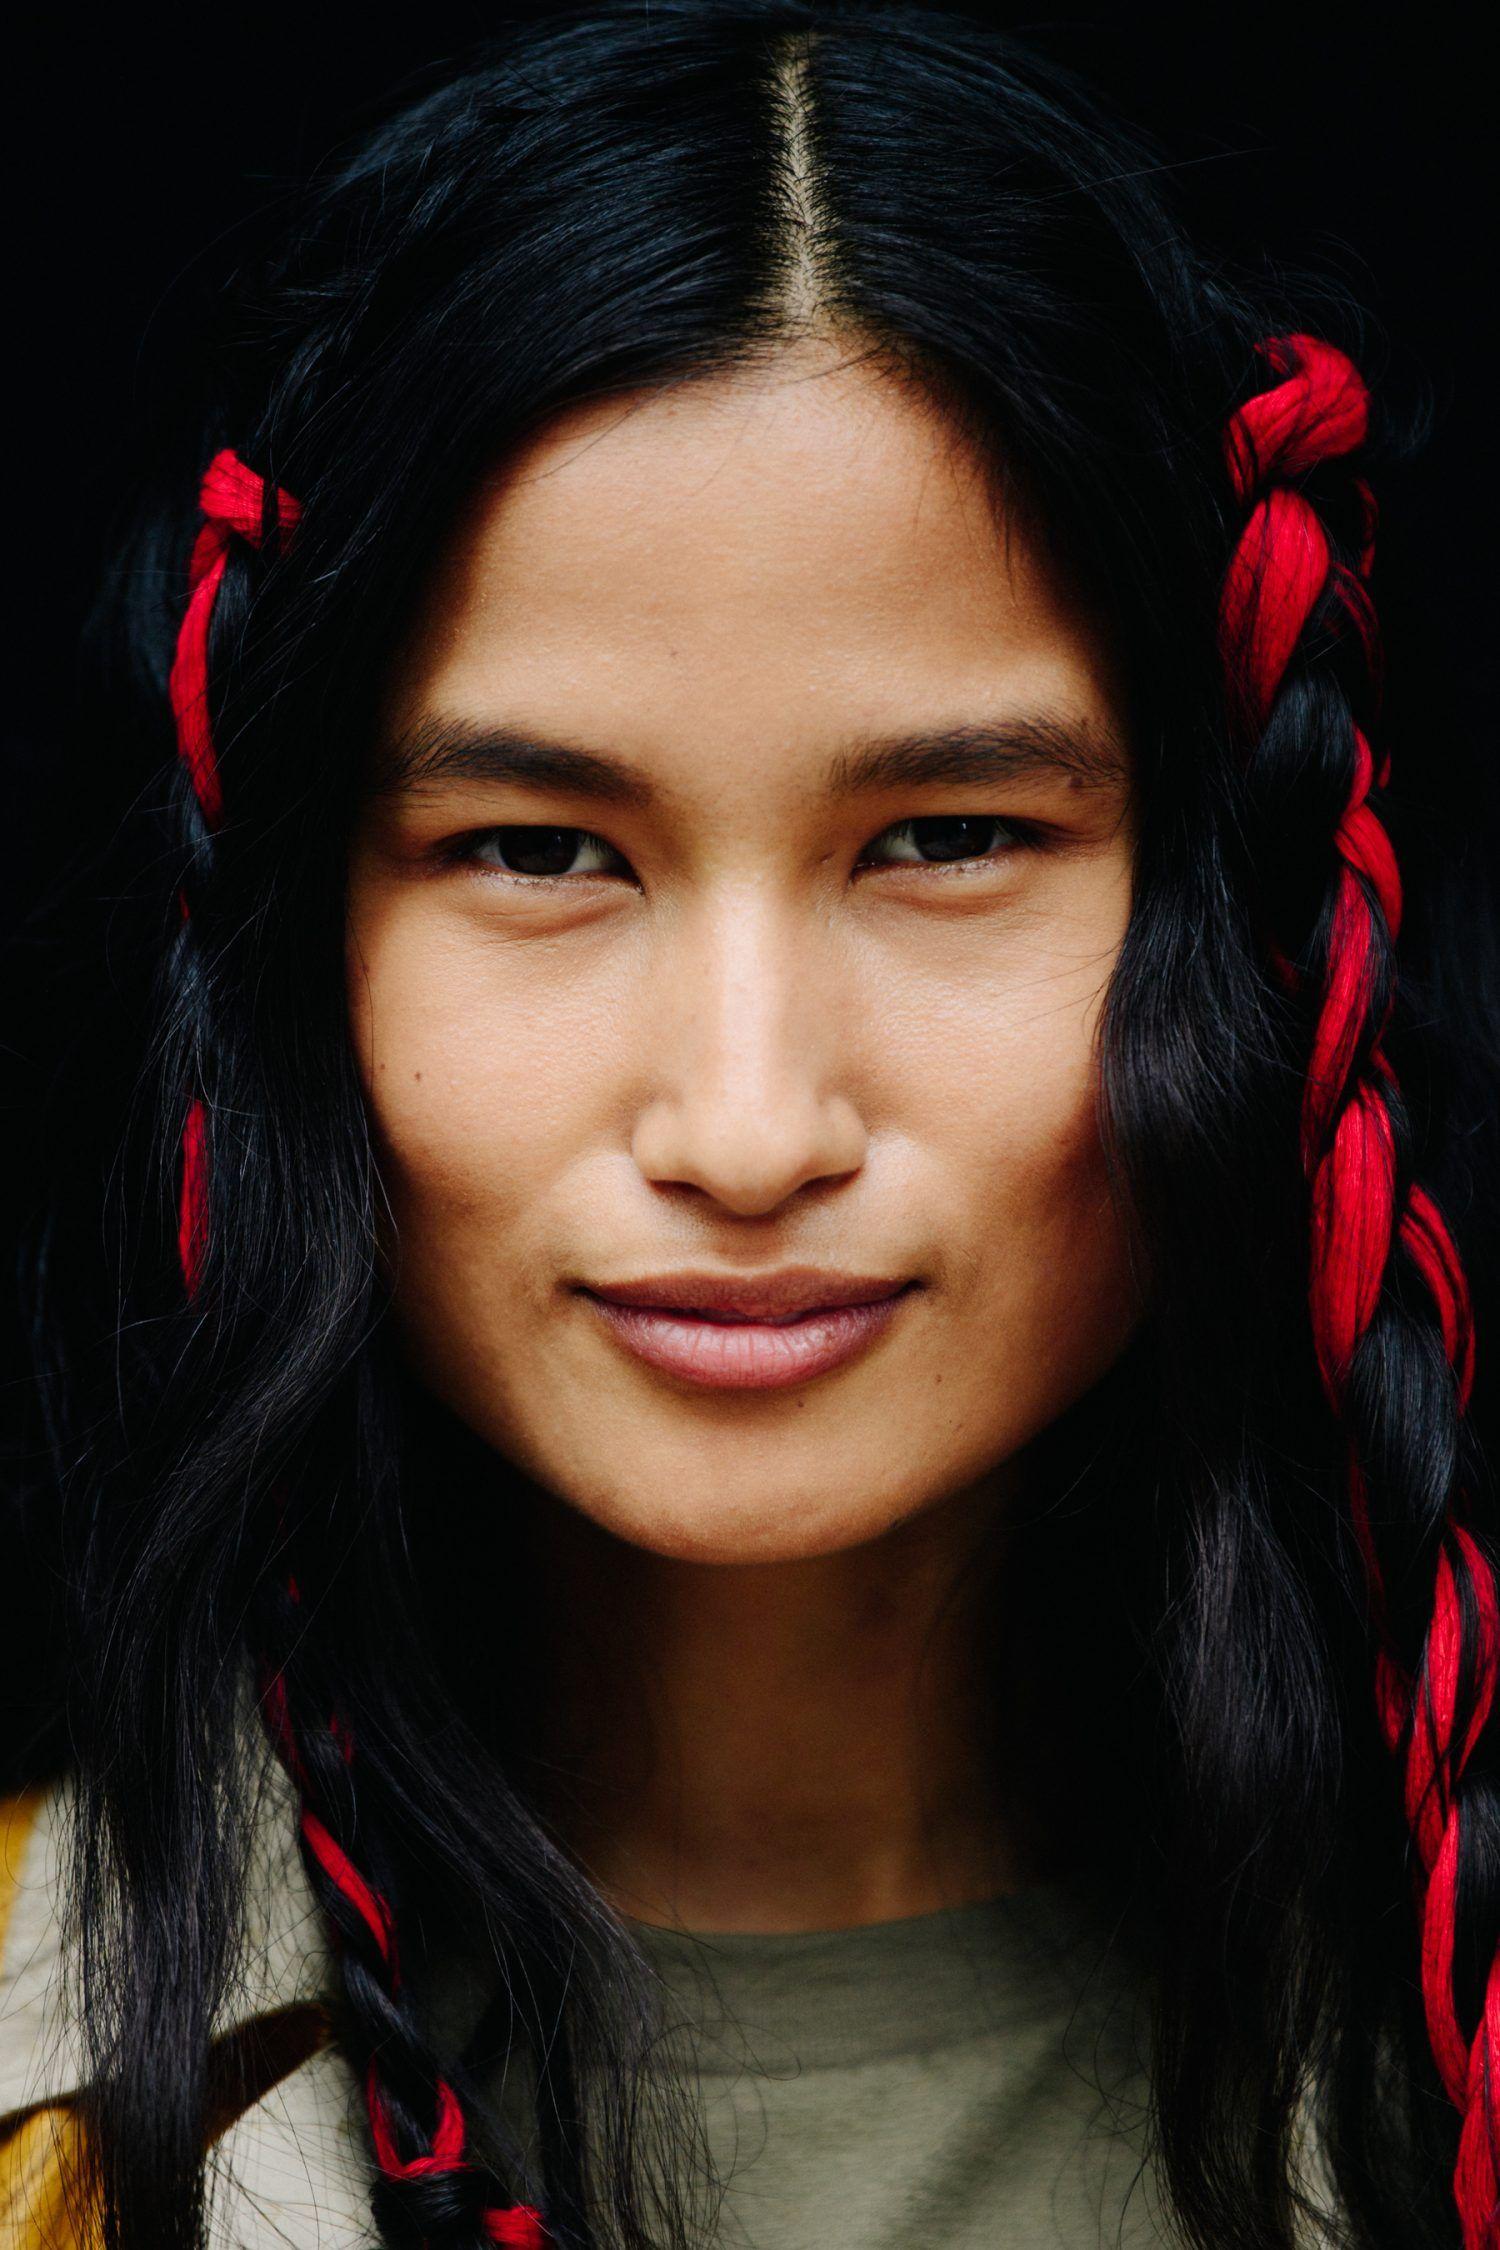 Varsha Thapa New York City via Le 21ème Unique faces